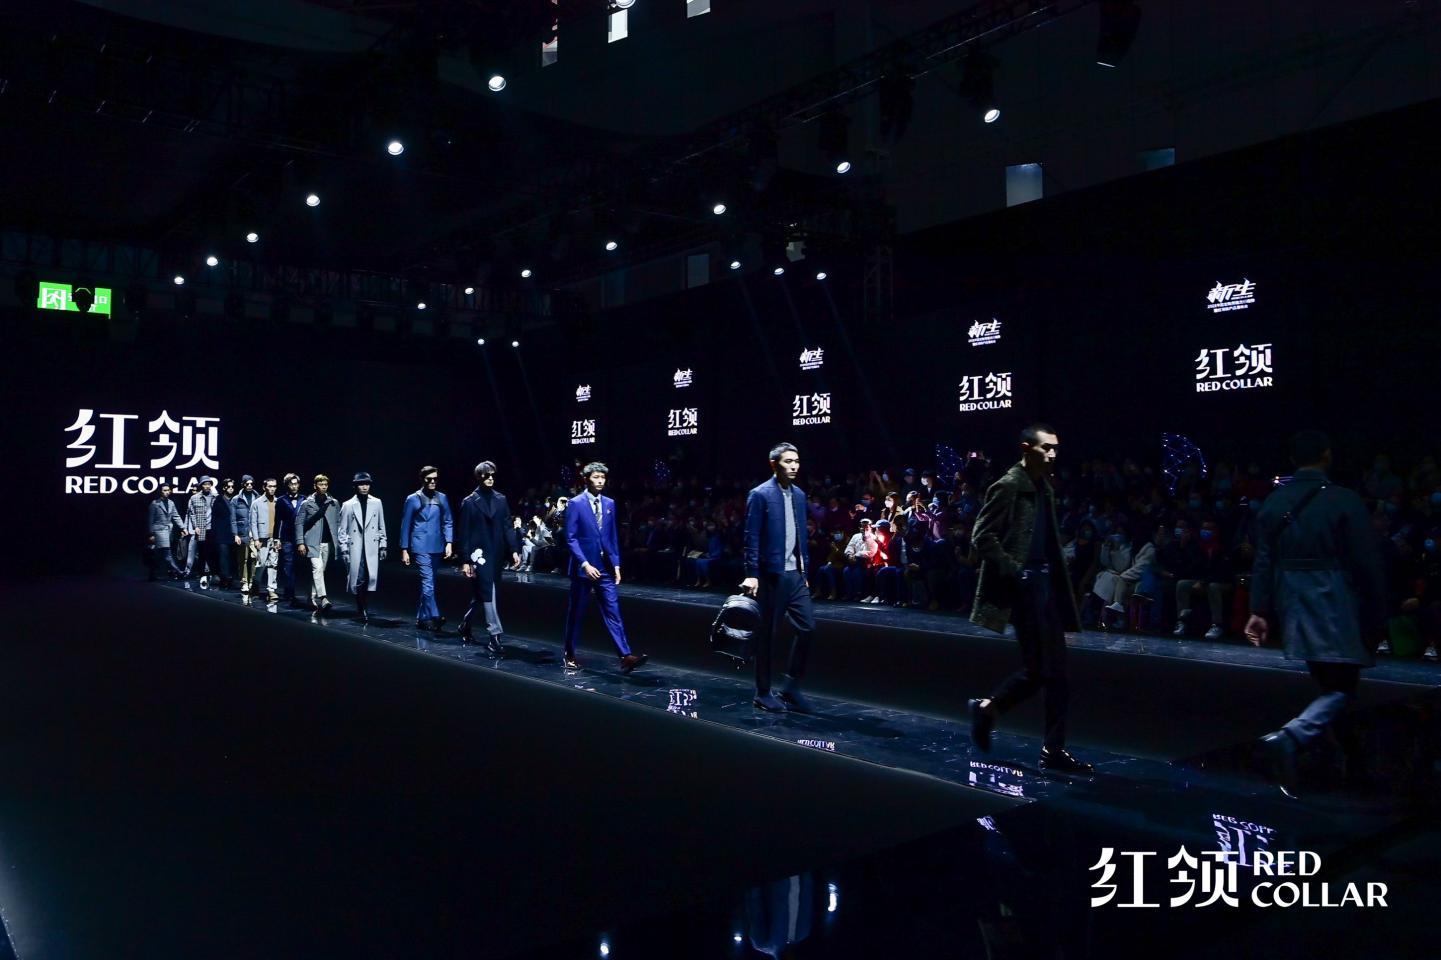 秀场直击:红领・2021男装定制流行趋势发布